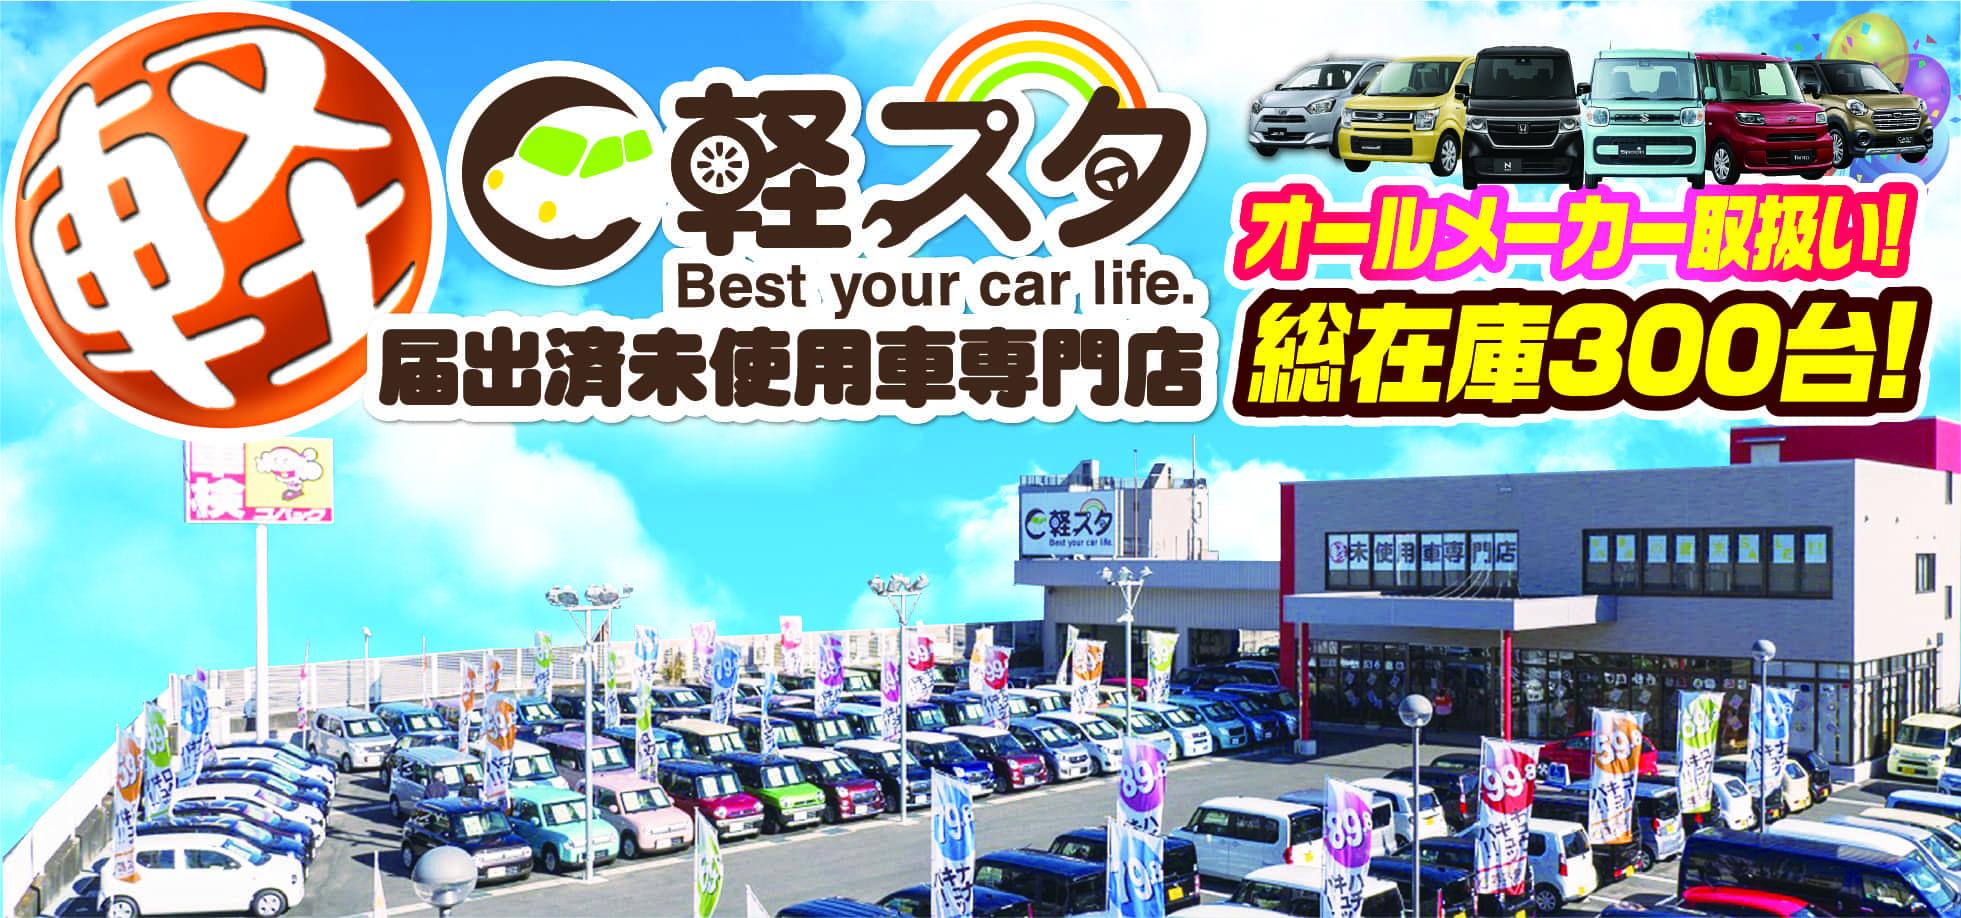 軽スタオールメーカー取扱総在庫300台!